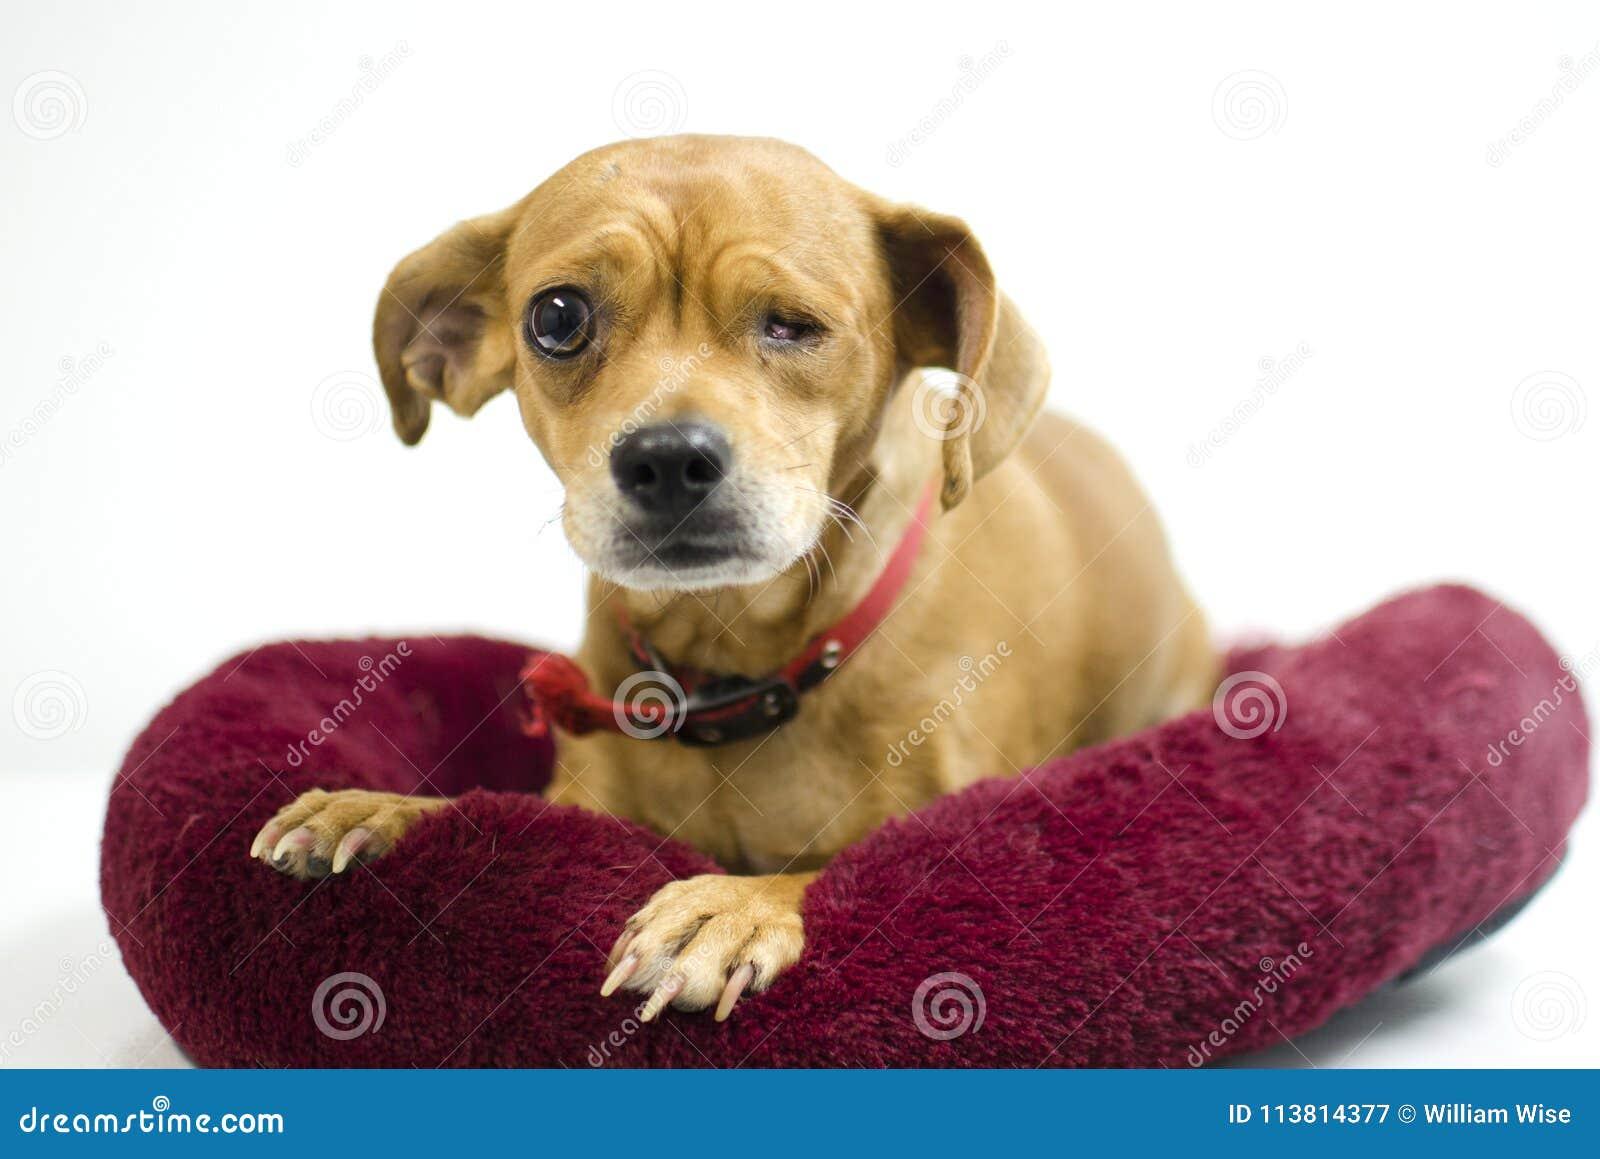 Chihuahua Mix Dog Missing One Eye, Animal Shelter Adoption